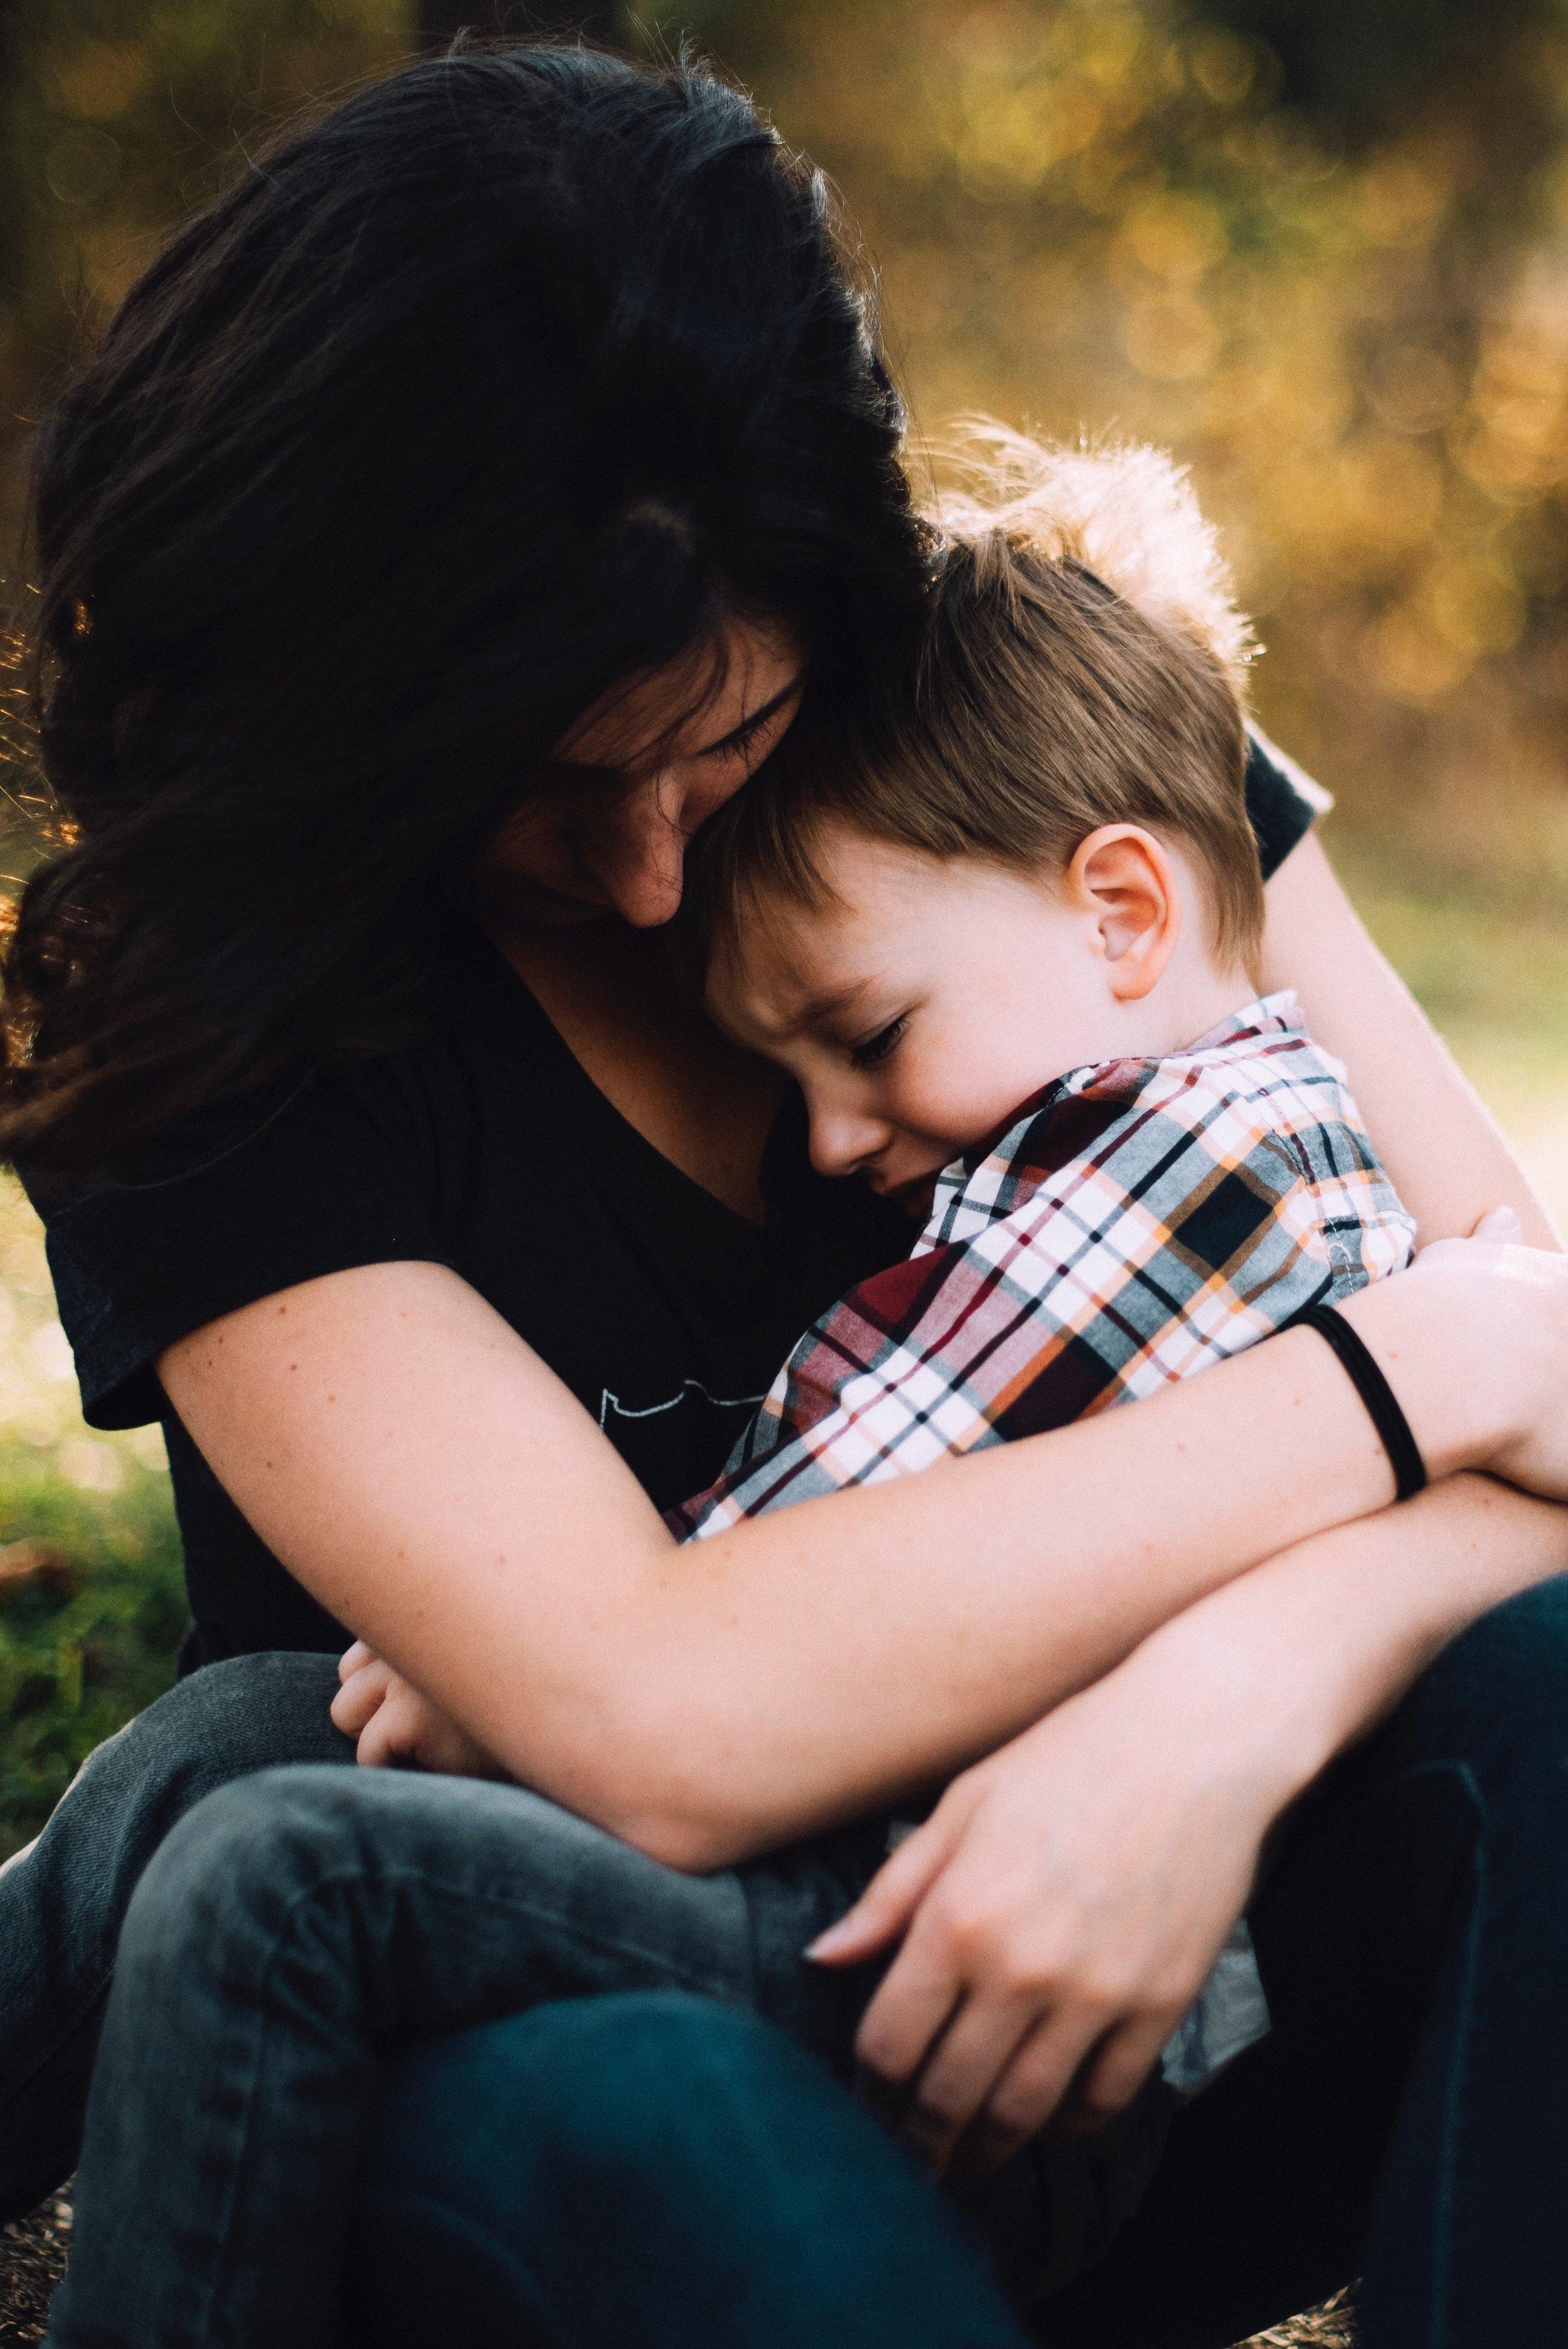 2. Permítele su expresión emocional - Un estudio publicado en la revista Symbolic Interaction, encontró que las mujeres tienen un vocabulario emocional mucho más rico que los hombres. Los autores atribuyen a este fenómeno la forma en la que naturalmente se genera más empatía con las niñas que con los niños. Es importante abrir espacios emocionales y ayudar a los niños a desarrollar un vocabulario emocional rico y extenso.